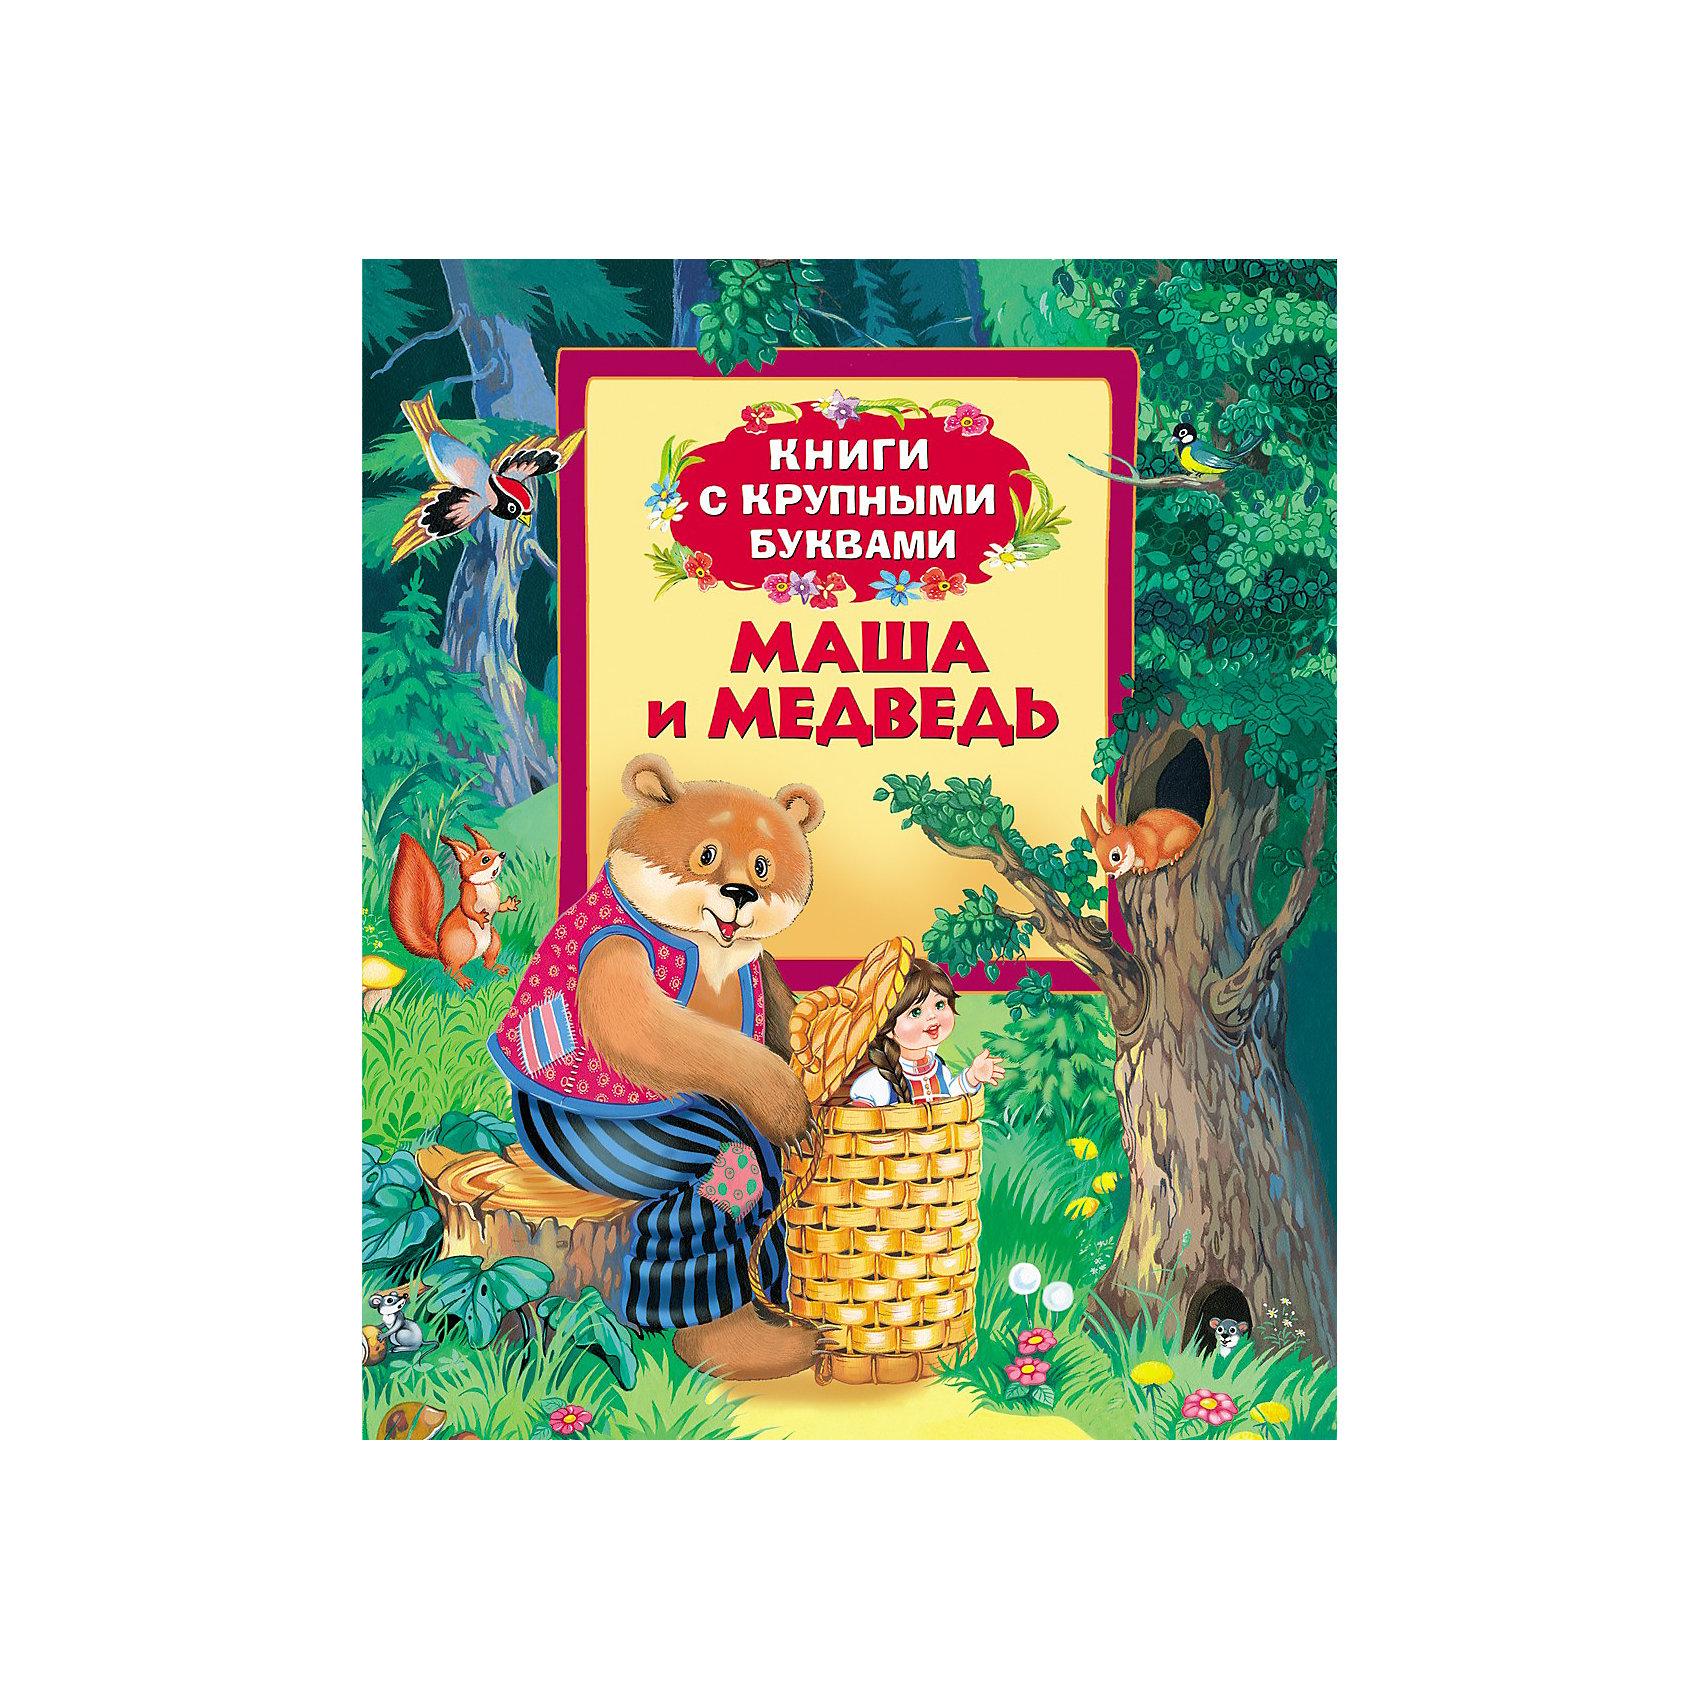 Книга с крупными буквами Маша и медведьРусские сказки<br>Маша и медведь, серия Книги с крупными буквами, Росмэн – эта книжка с крупными буквами, предназначена для самостоятельного чтения детьми.<br>Крупный шрифт и знакомые ребенку произведения, рекомендованные для первого чтения, научат малыша легко и быстро складывать слоги в слова, составлять предложения и понимать прочитанное. А большие красочные жизнерадостные иллюстрации на каждой странице помогут ребенку лучше понять текст и вызовут желание дочитать книжку до конца. Читая страницу за страницей, ребенок познакомится с сюжетом сказок и научится лучше читать. В сборник вошли самые известные русские сказки. Книга представлена сказками: Маша и медведь, Коза-дереза. Тексты сказок даны в классической обработке М. Булатова, О. Капицы. Иллюстрации Д. Лемко.<br><br>Дополнительная информация:<br><br>- Тип переплета (обложка): твердая<br>- Размер: 198 x 235 мм.<br>- Количество страниц: 32<br>- Иллюстрации: цветные<br><br>Книгу «Маша и медведь», серия Книги с крупными буквами, Росмэн можно купить в нашем интернет-магазине.<br><br>Ширина мм: 240<br>Глубина мм: 205<br>Высота мм: 8<br>Вес г: 280<br>Возраст от месяцев: 36<br>Возраст до месяцев: 84<br>Пол: Унисекс<br>Возраст: Детский<br>SKU: 3633663